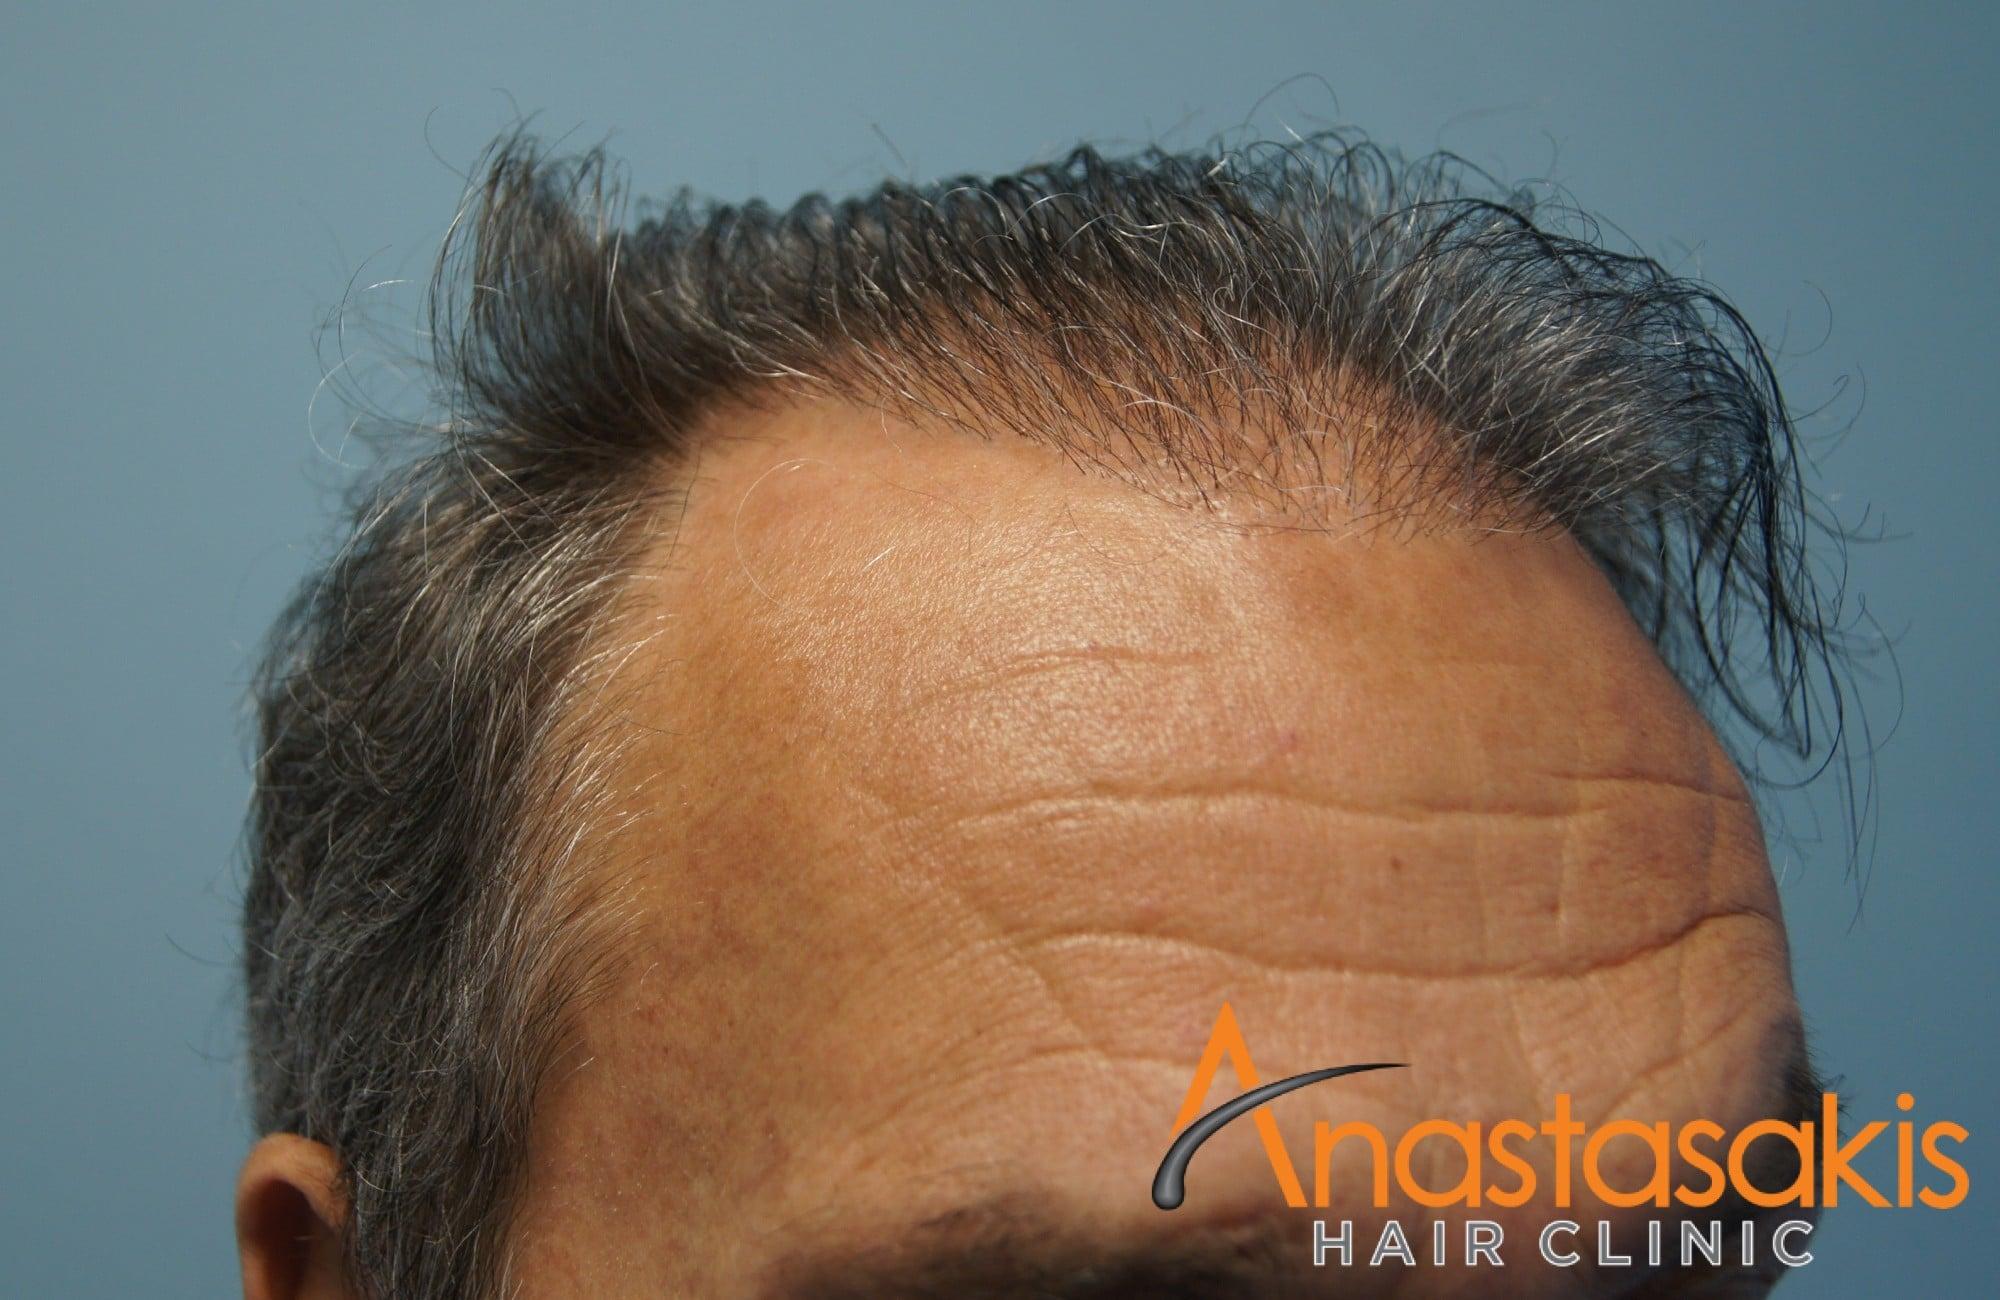 περιστατικο πριν τη μεταμοσχευση μαλλιων με 3964 fus - δεξης κροταφος